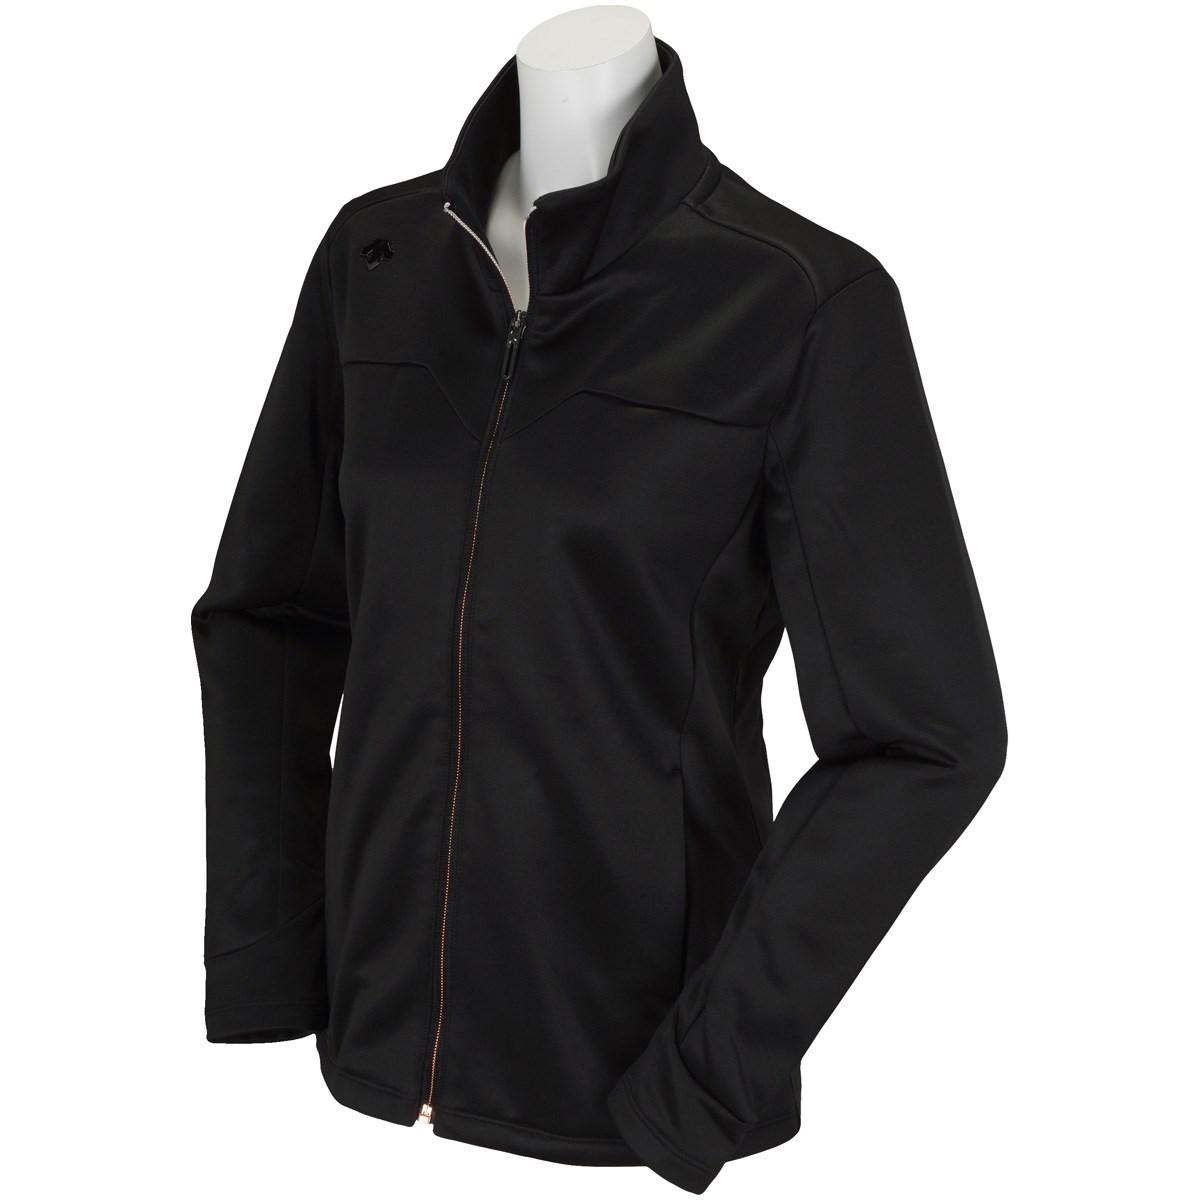 デサントゴルフ DESCENTE GOLF ストレッチ ジャージージャケット M ブラック レディス